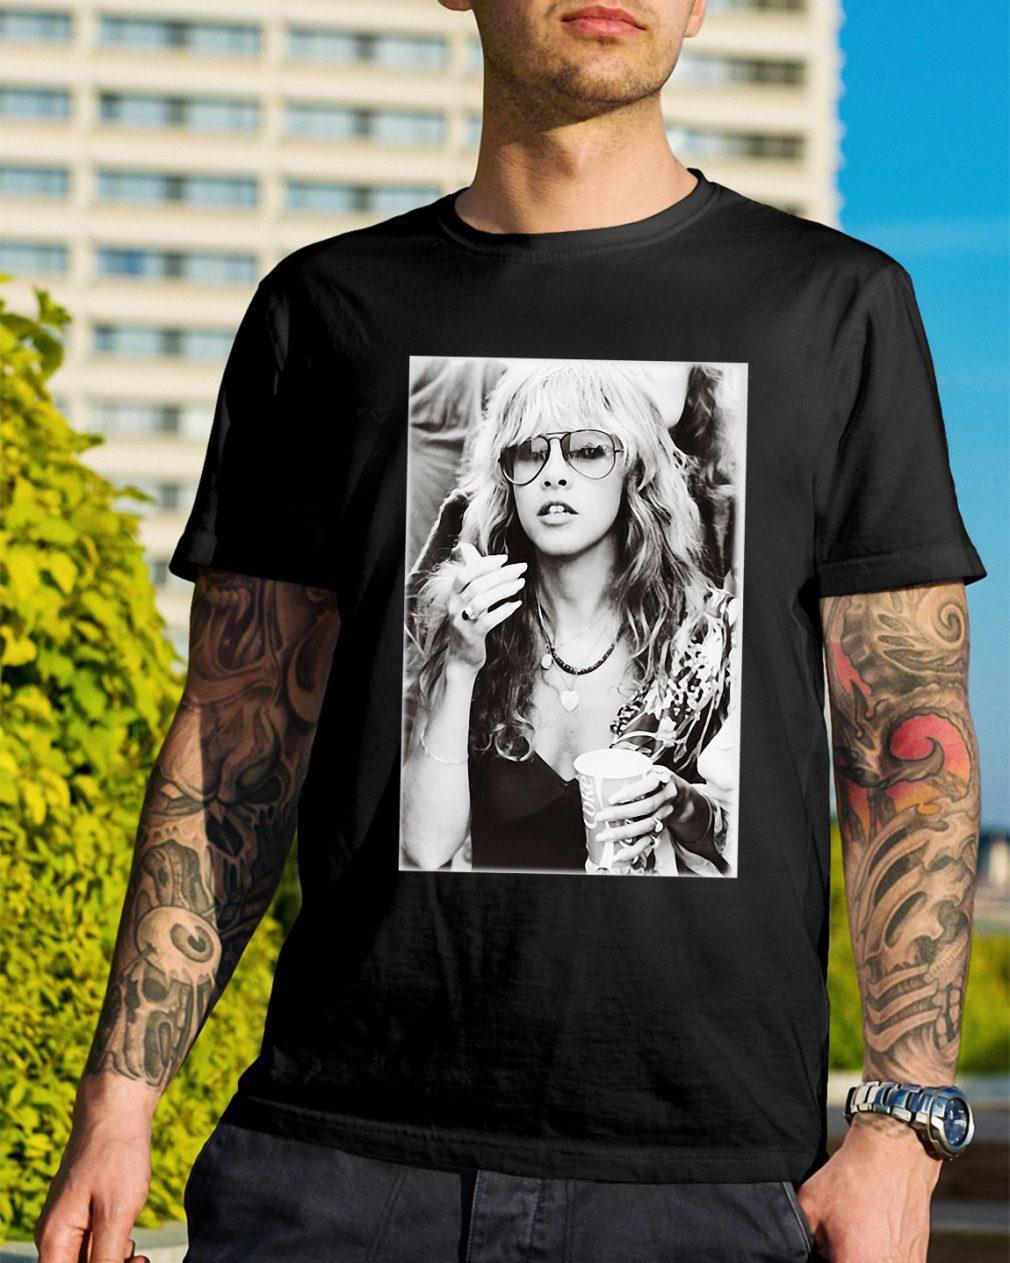 Official Stevie Nicks shirt